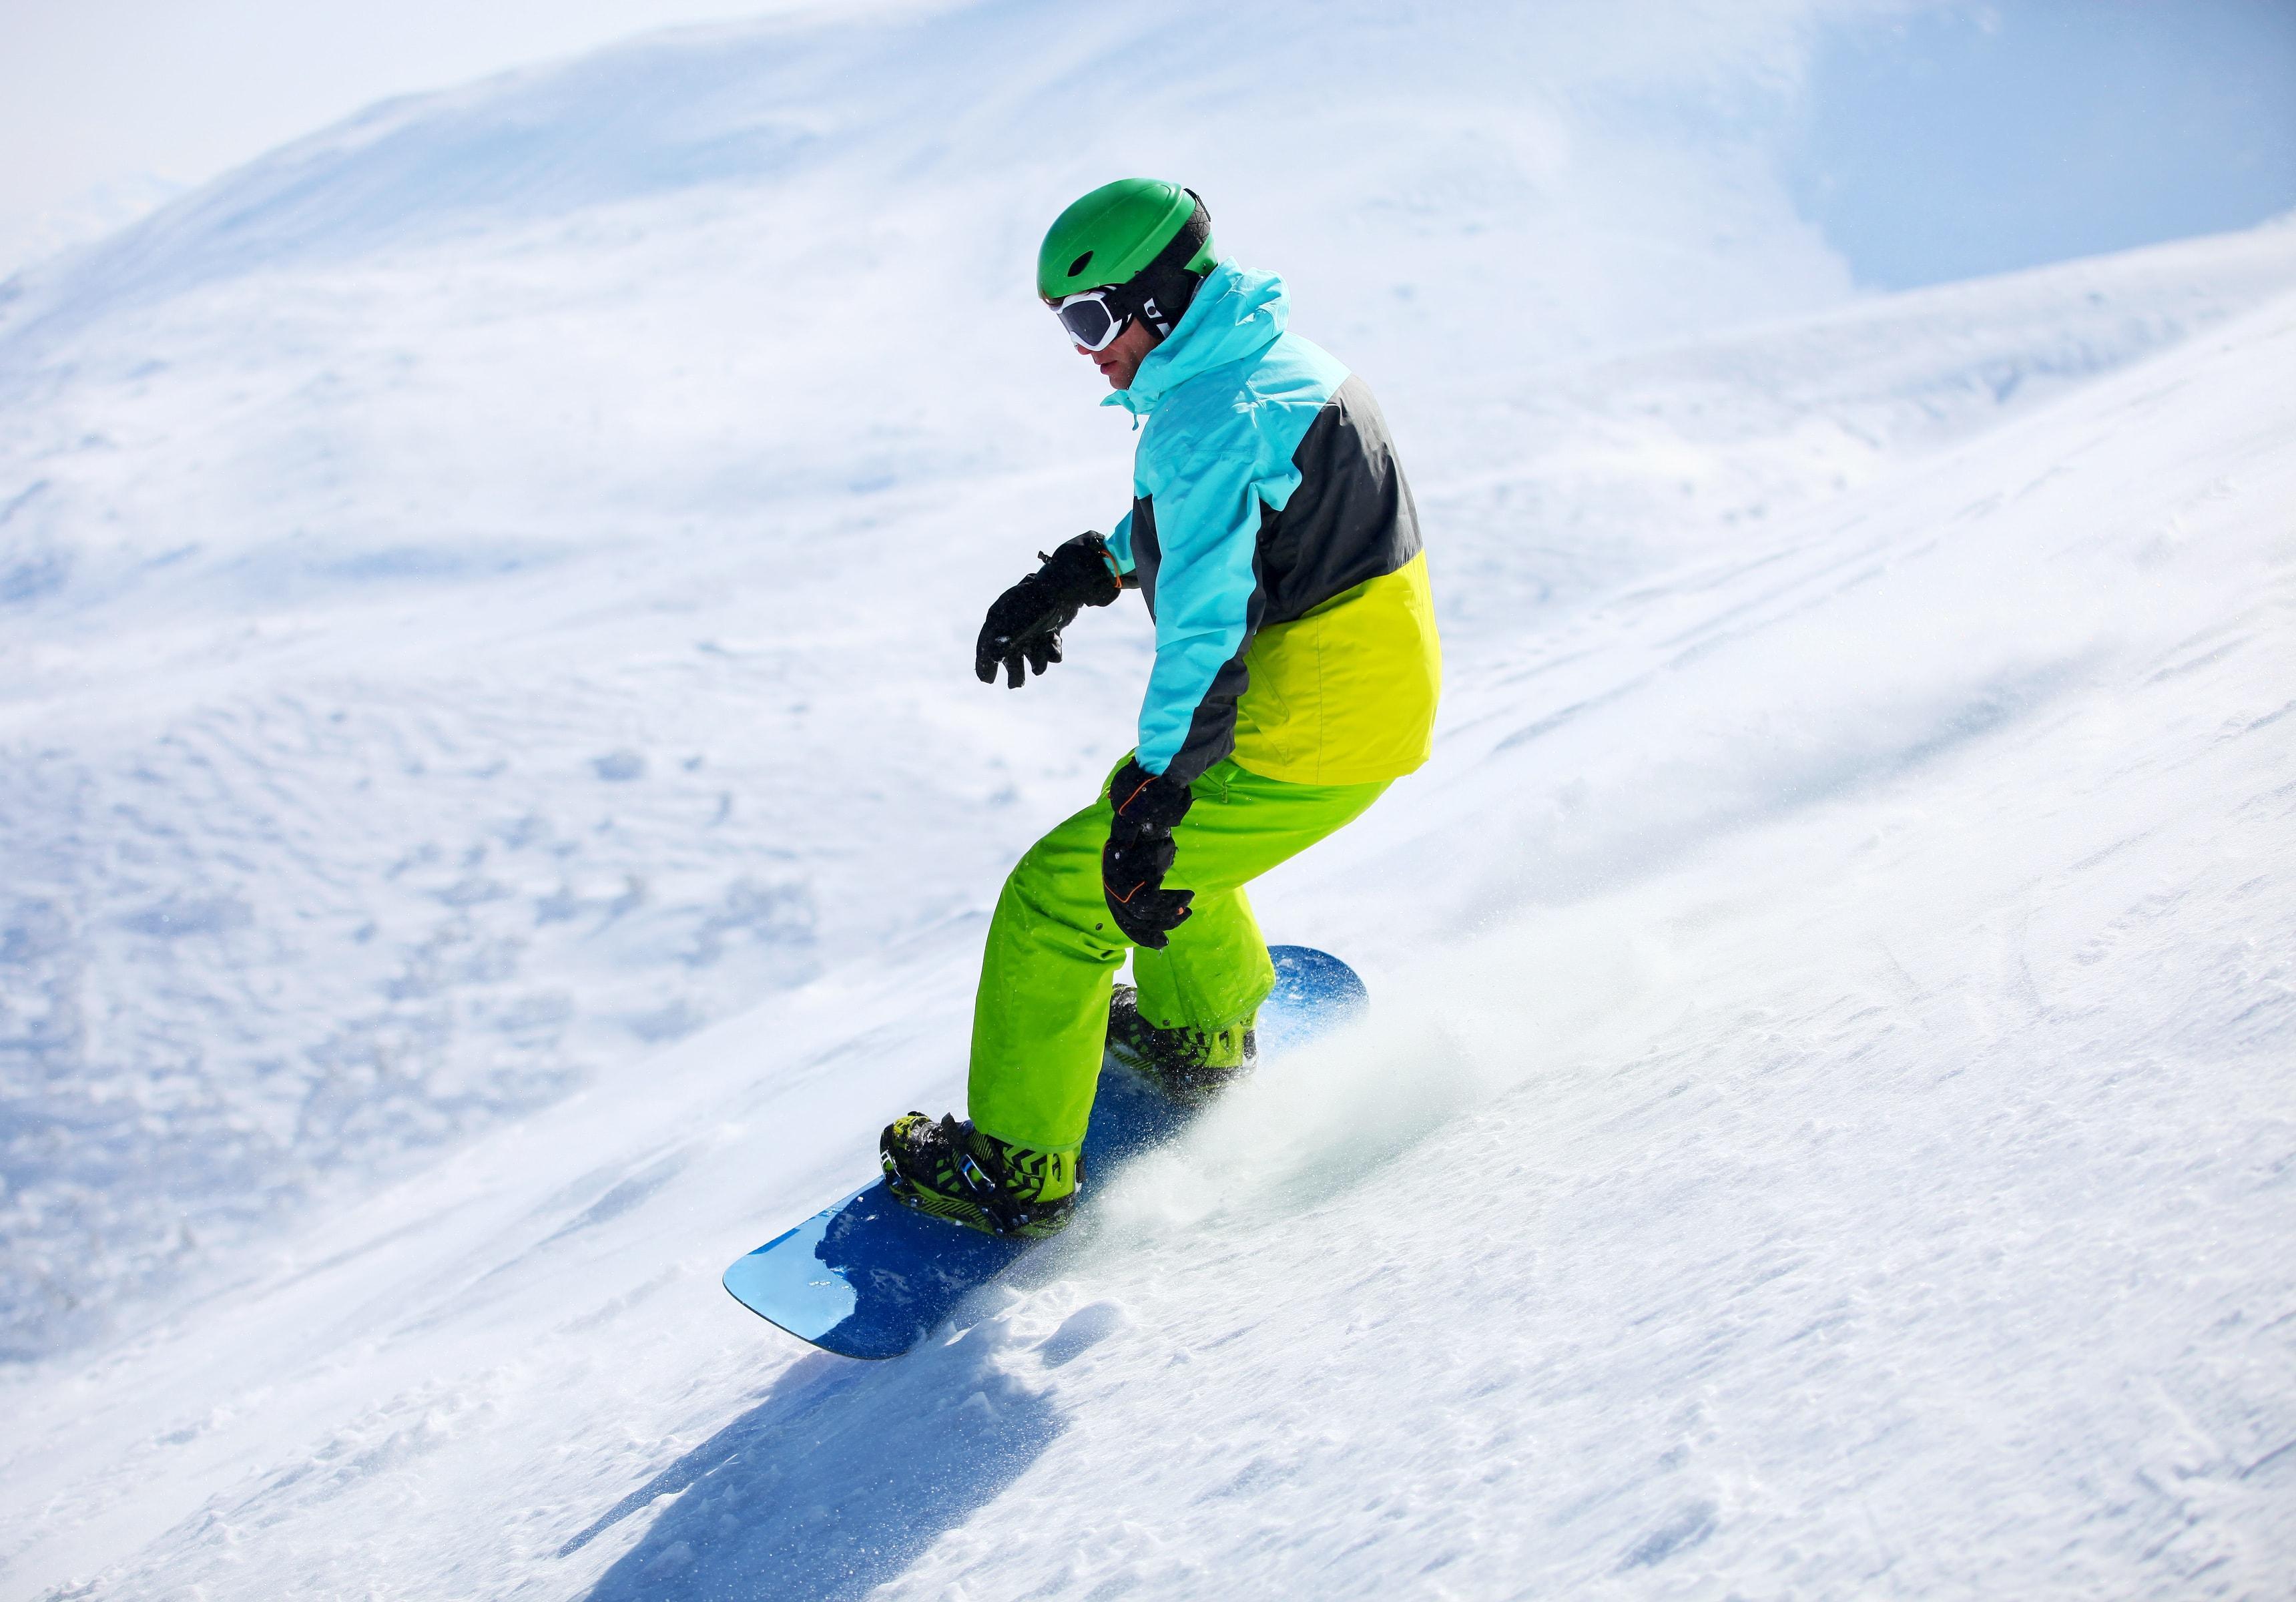 Uno snowboarder sta scendendo una pista a Sestriere durante una delle Lezioni di snowboard per bambini e adulti - Festività organizzate dalla Scuola di Sci Olimpionica.